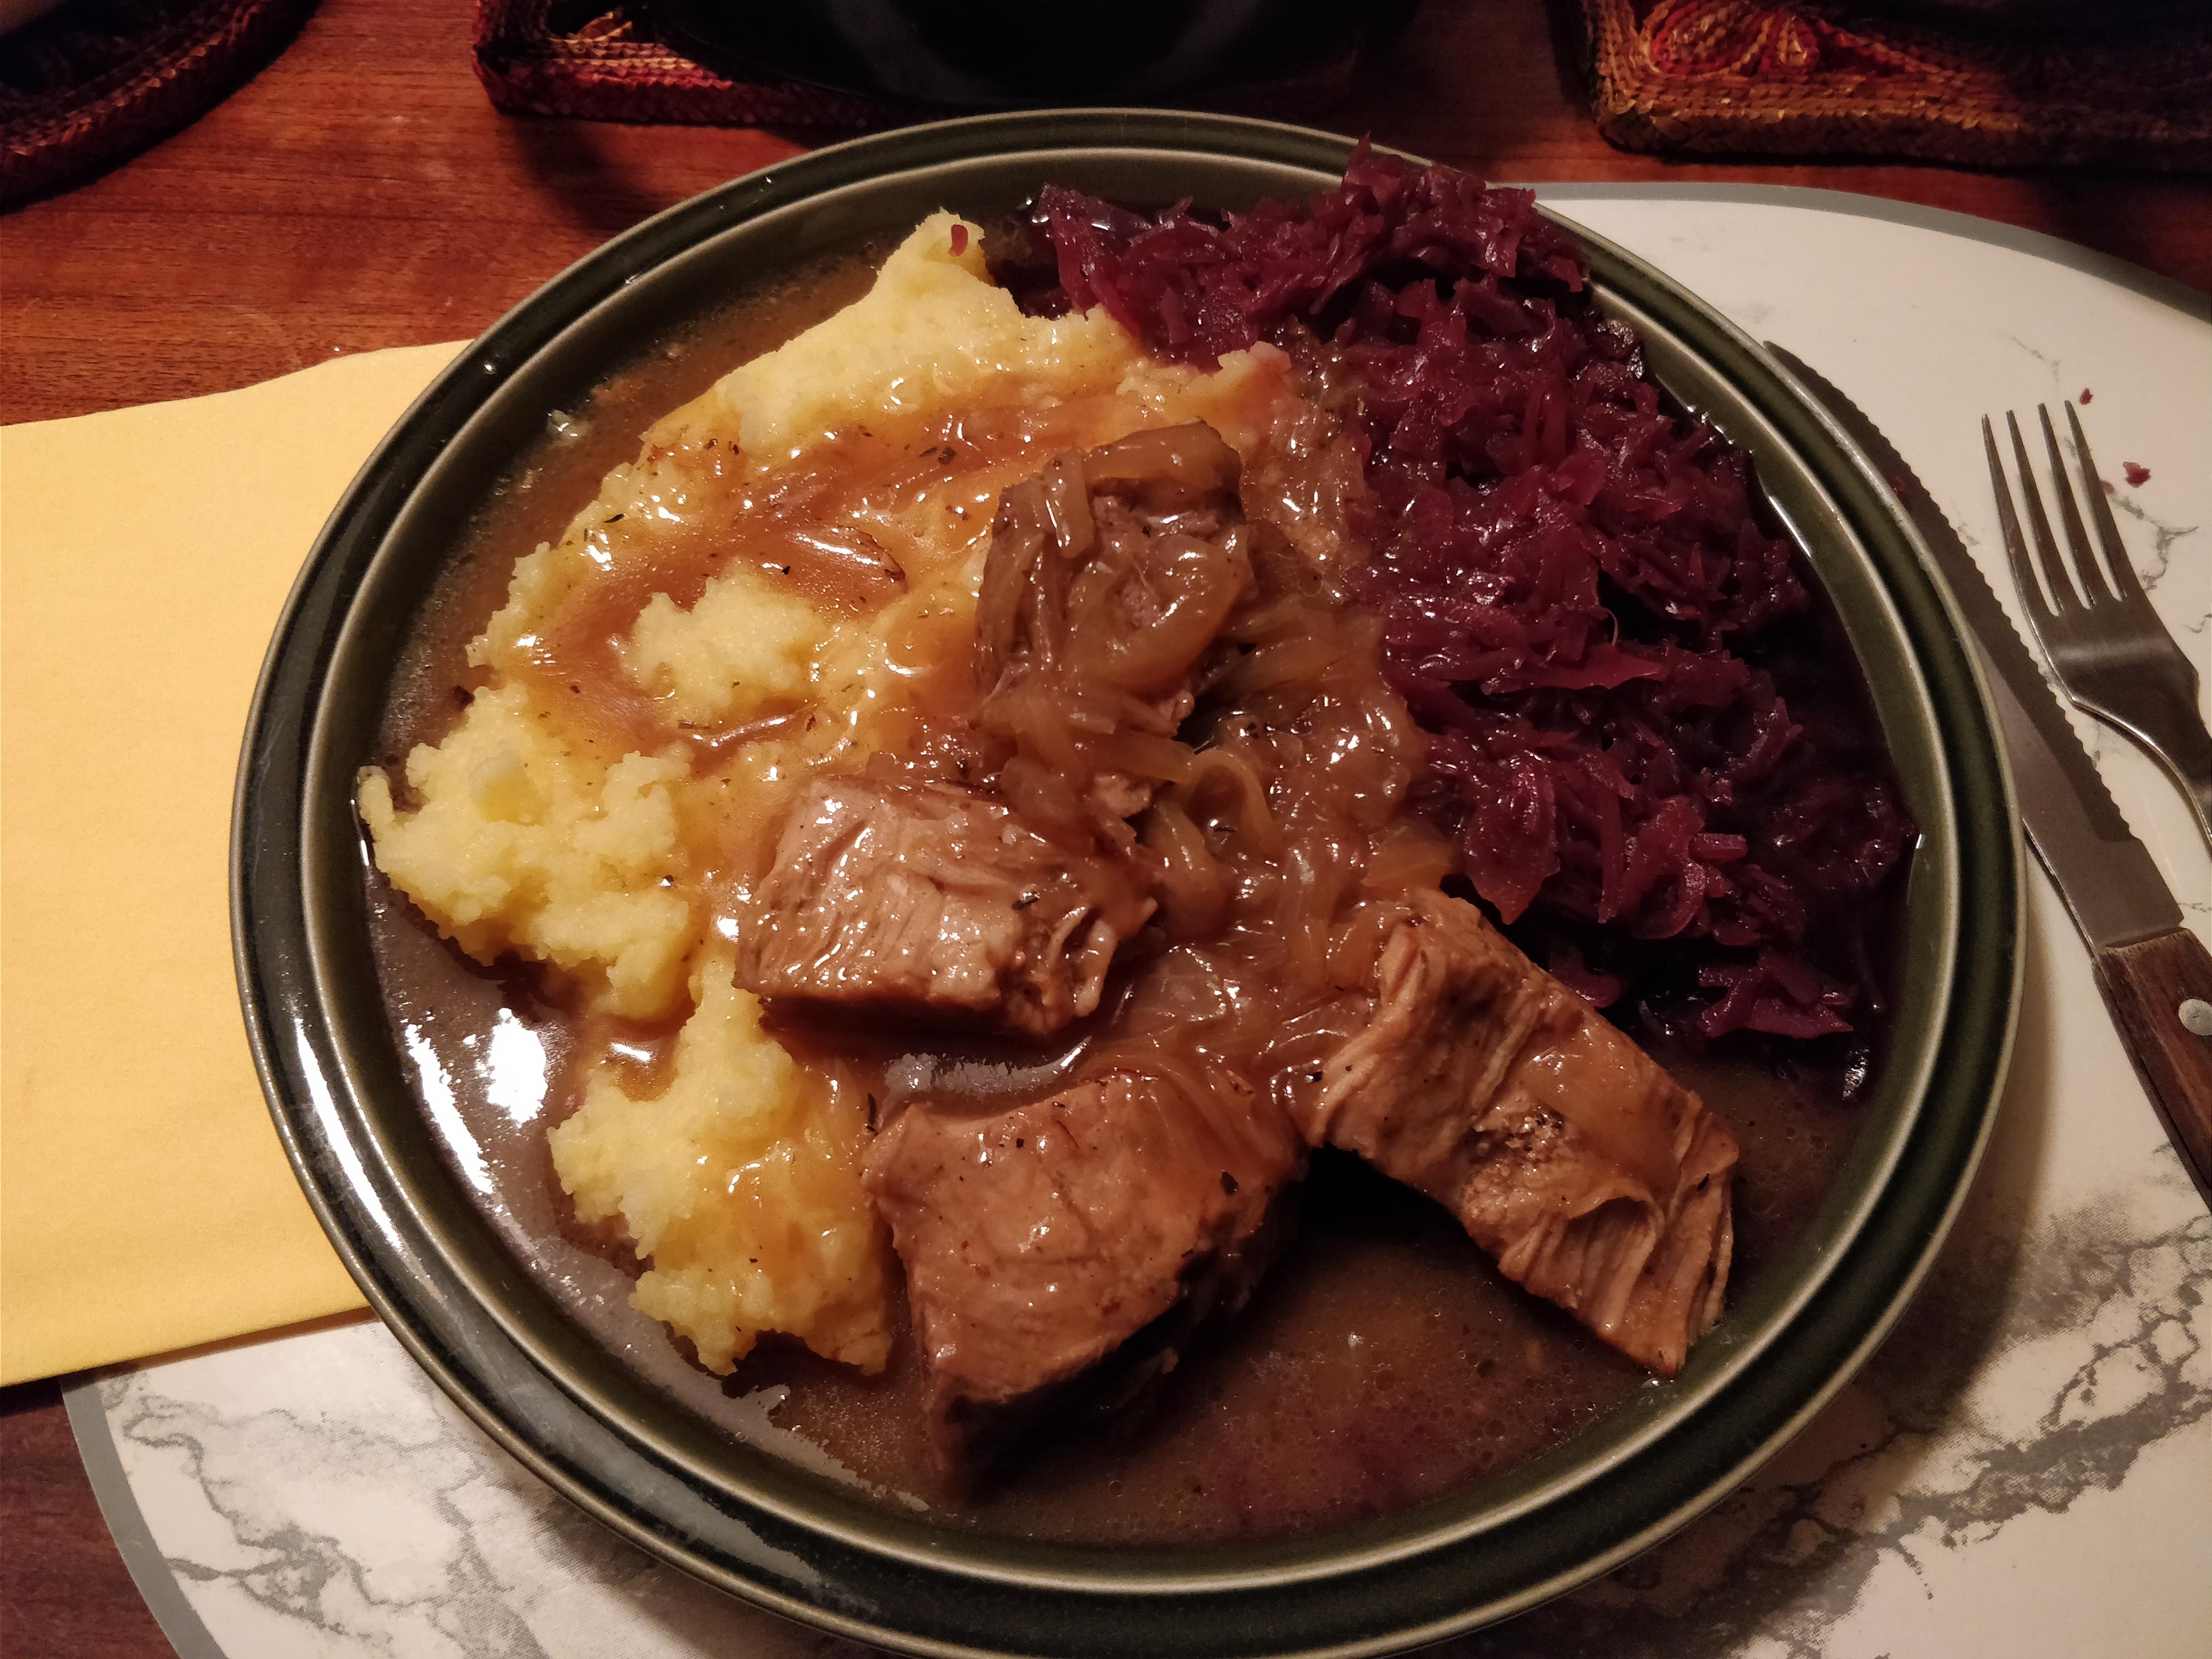 http://foodloader.net/nico_2018-03-14_schweinebraten-rotkraut-nudeln.jpg